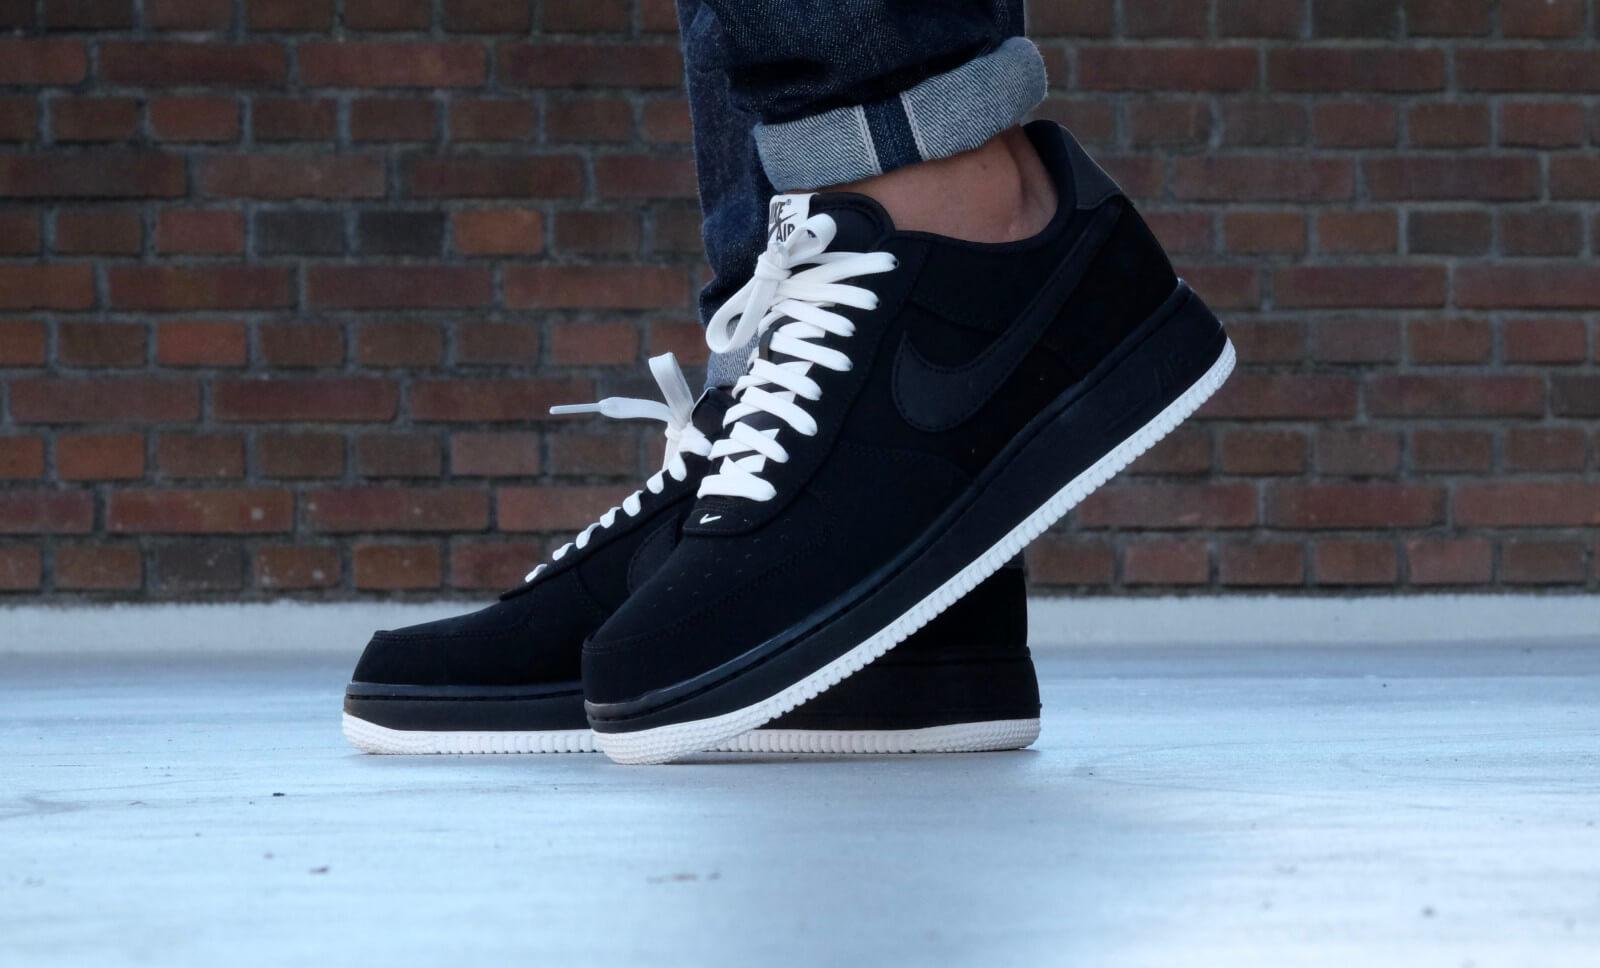 Nike Air Force 1 Low '07 Black/Black